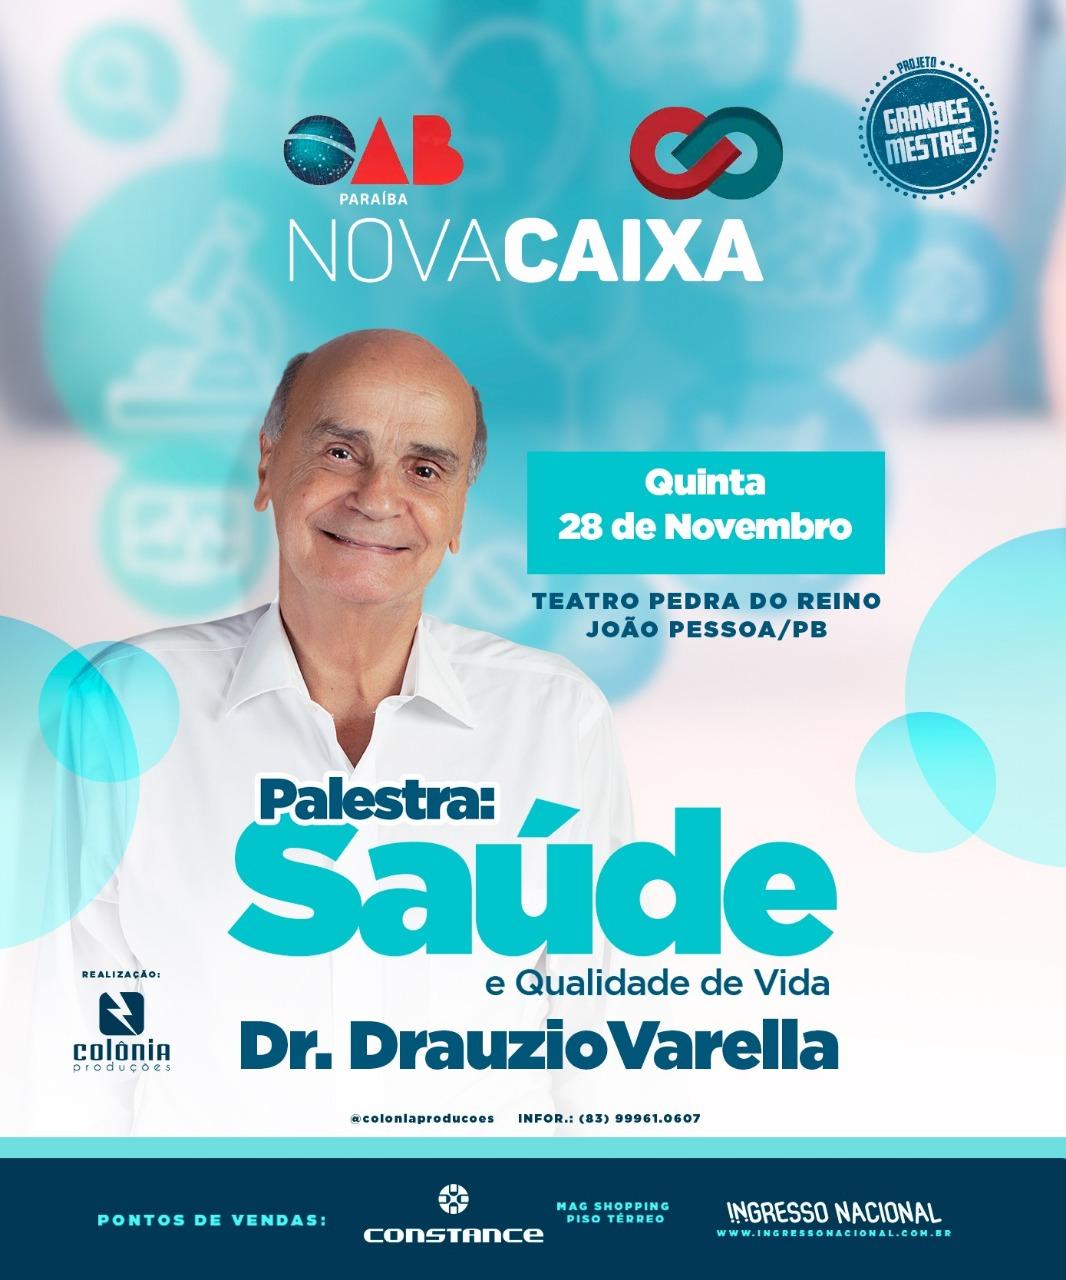 OAB-PB e CAA apoiam palestra sobre Saúde e Qualidade de Vida com Drauzio Varella